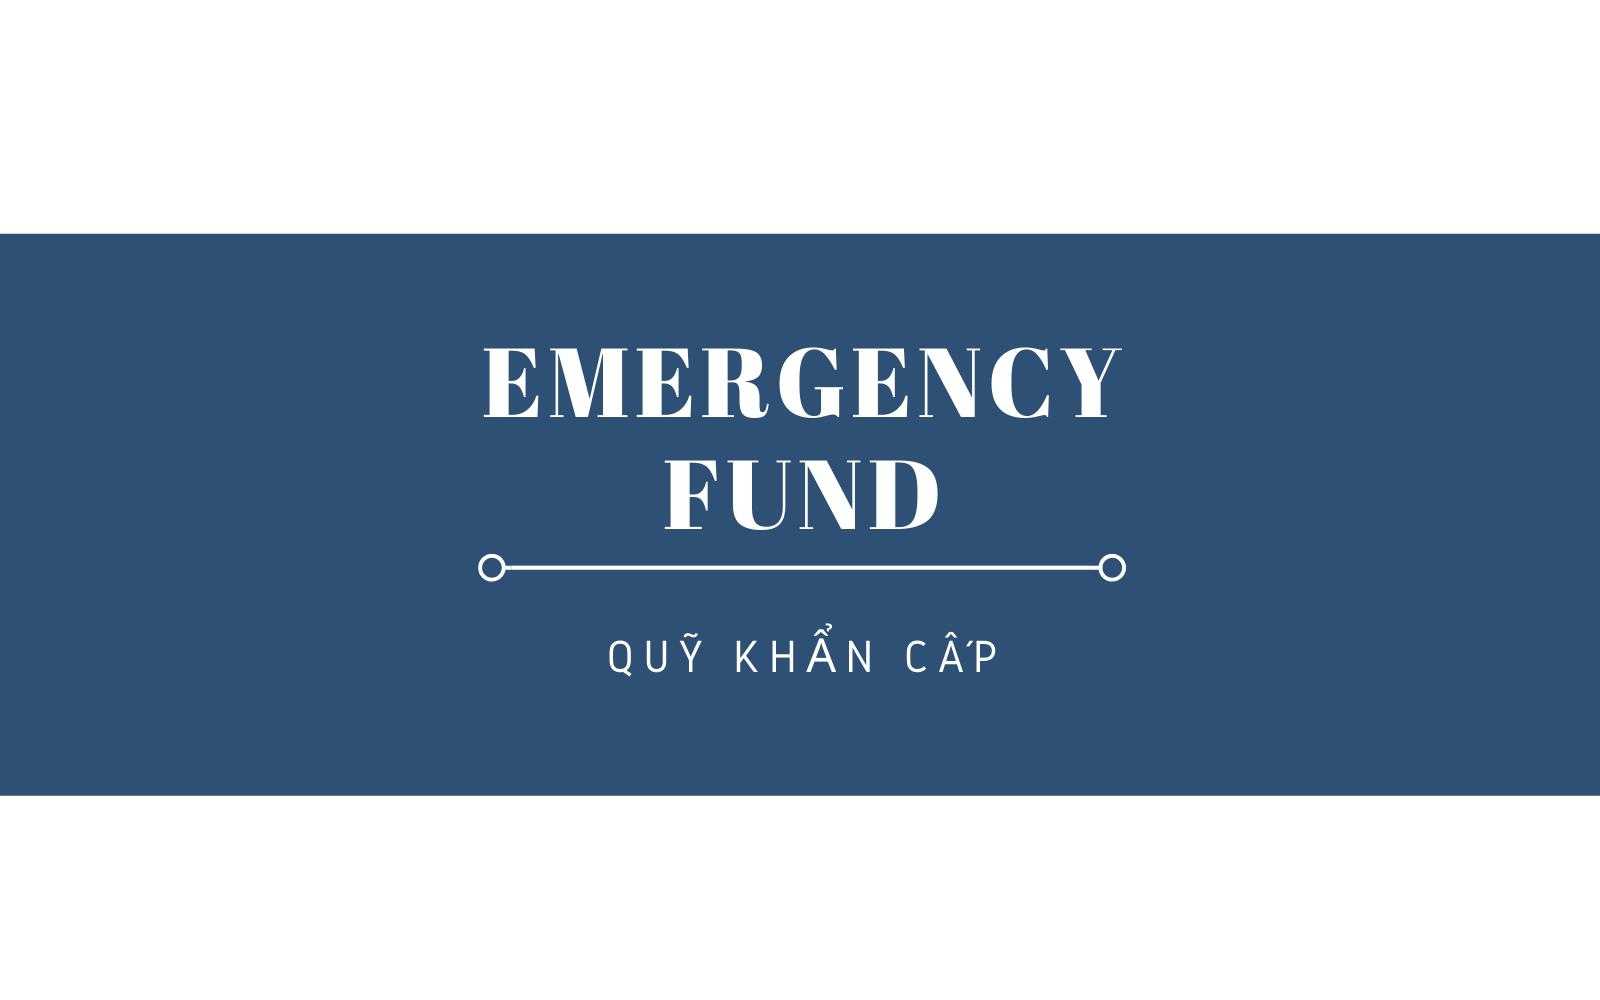 Quỹ khẩn cấp (Emergency Fund) - Ảnh 1.